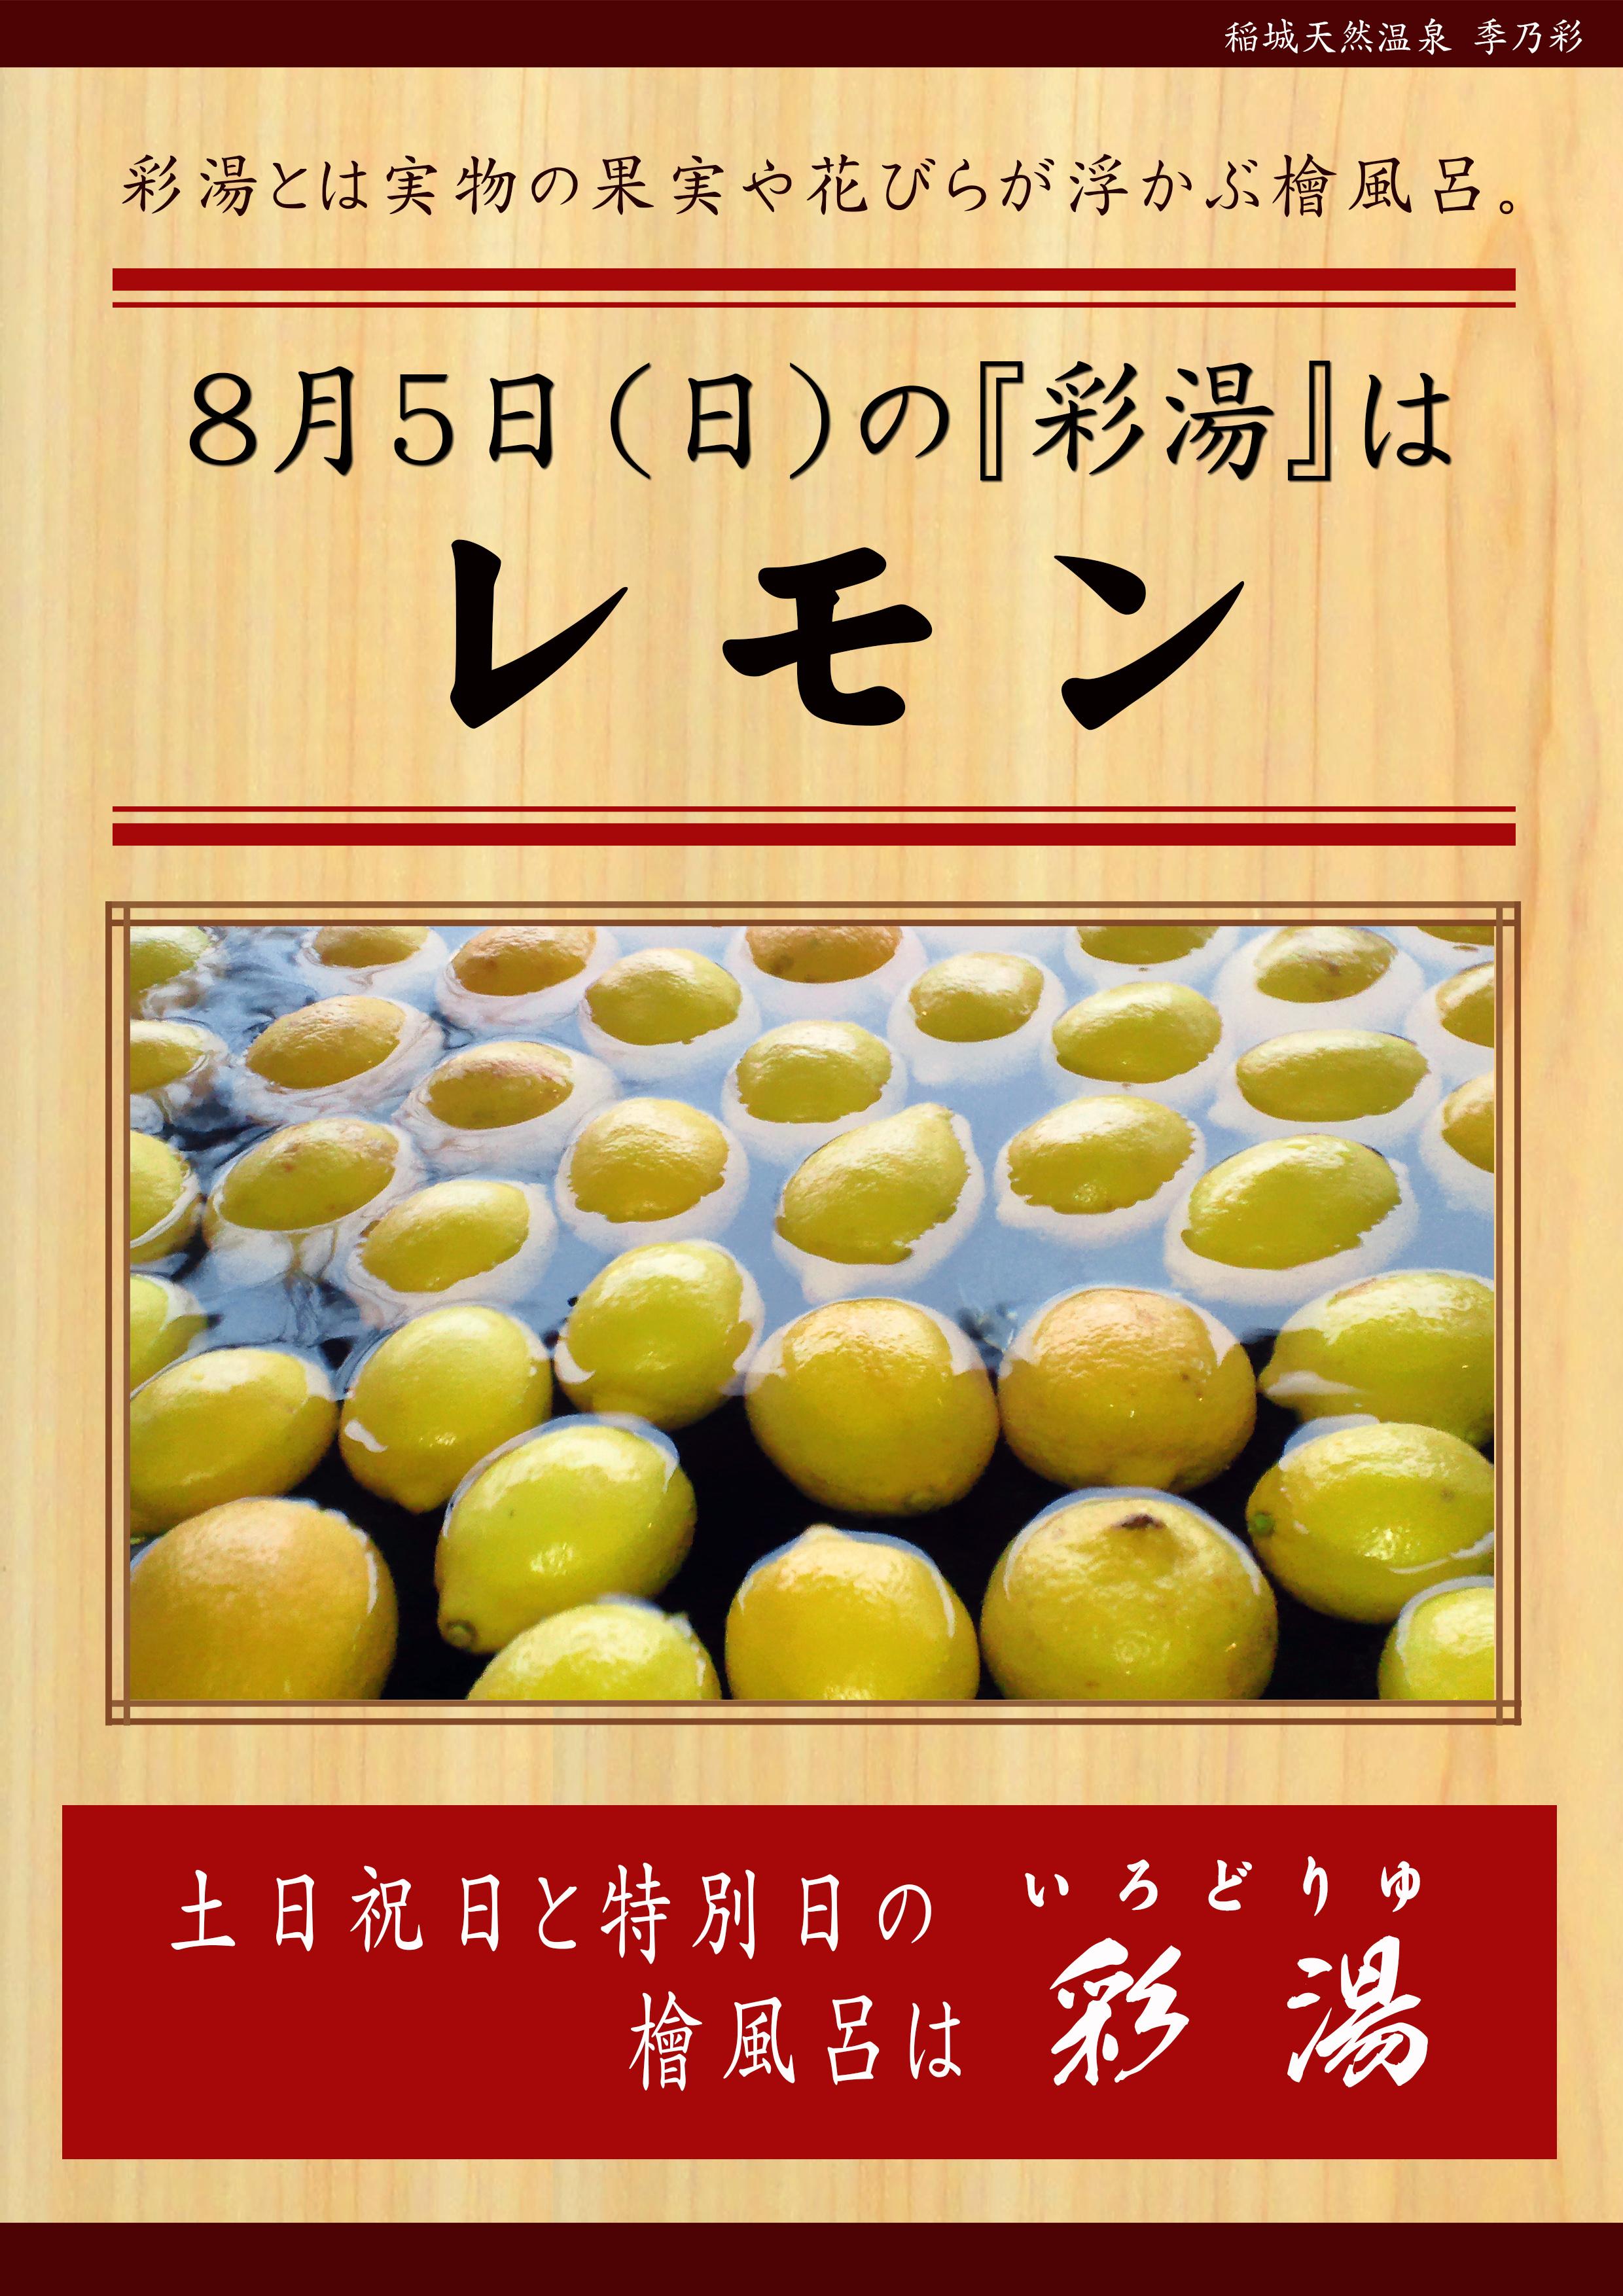 20180805POP イベント 彩湯 レモン